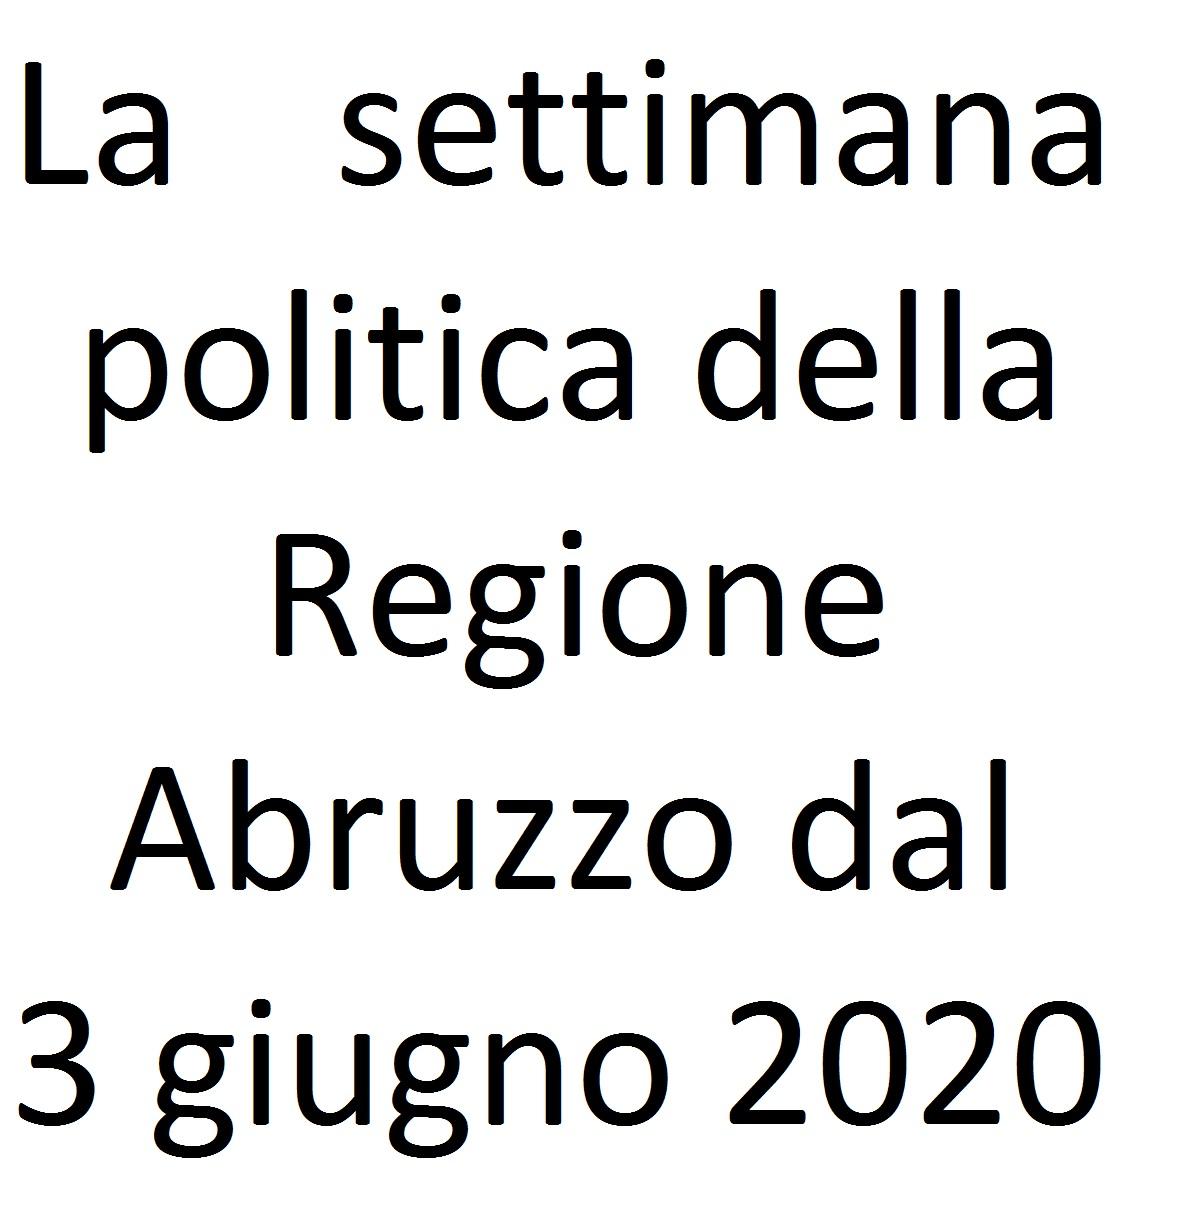 La settimana politica della Regione Abruzzo dal 3 giugno 2020 foto